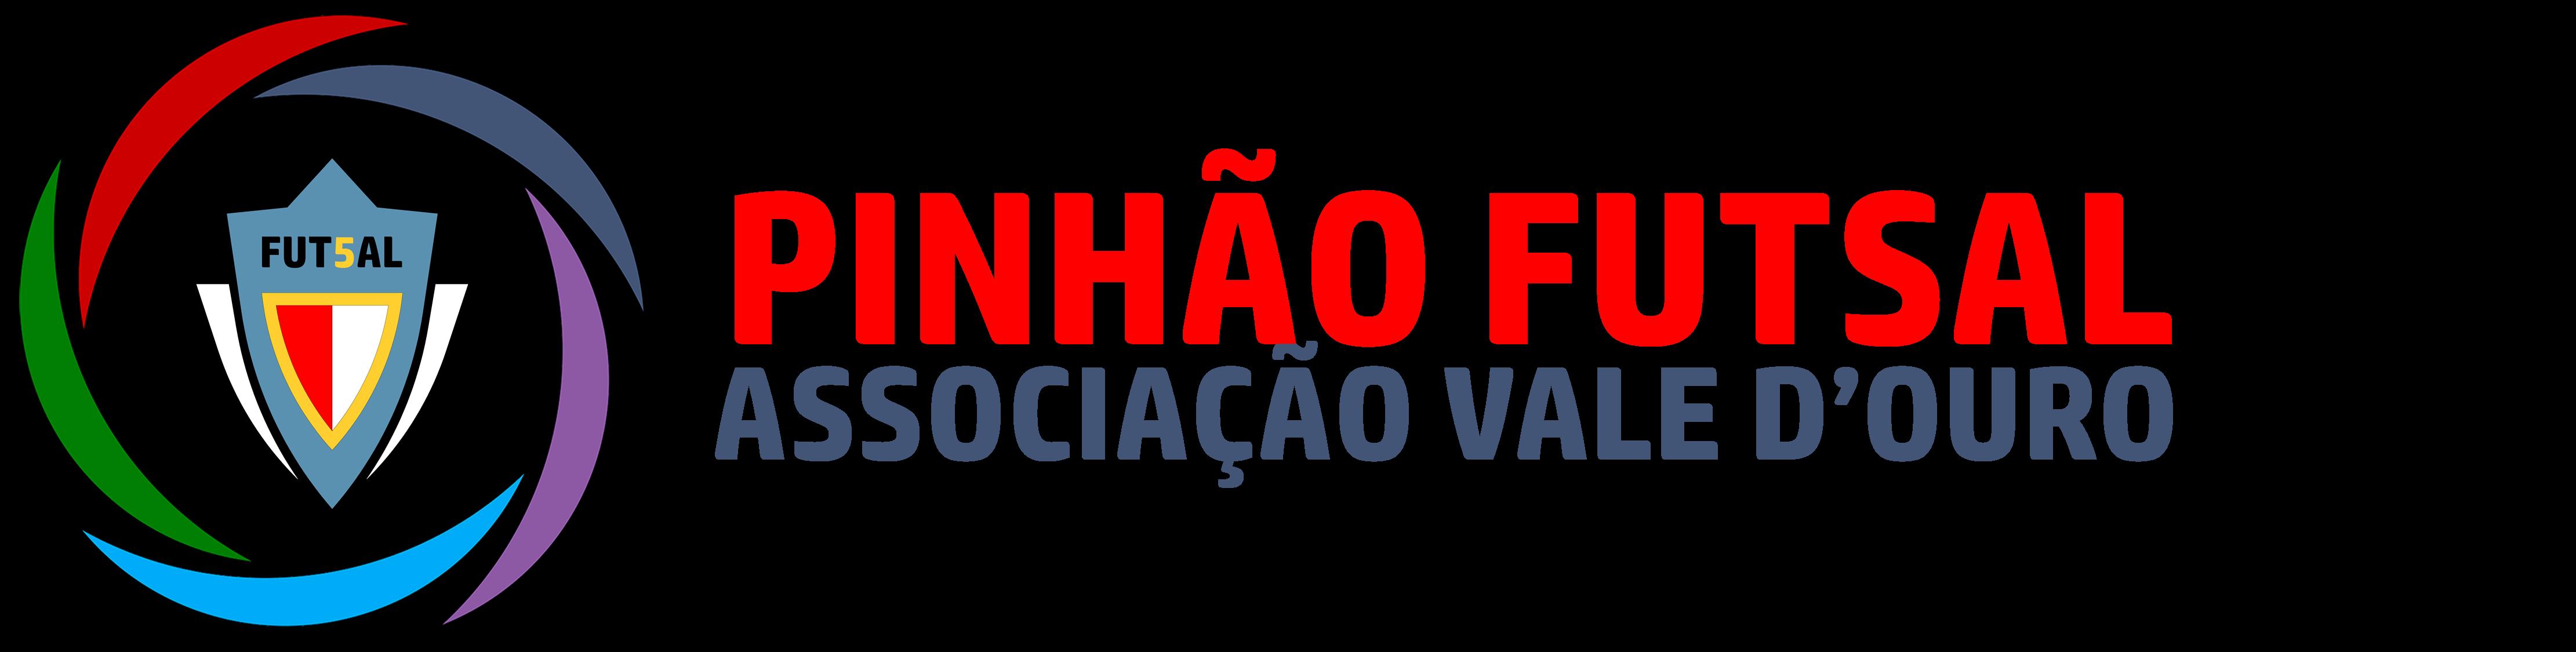 logo_pinhaofutsal.png